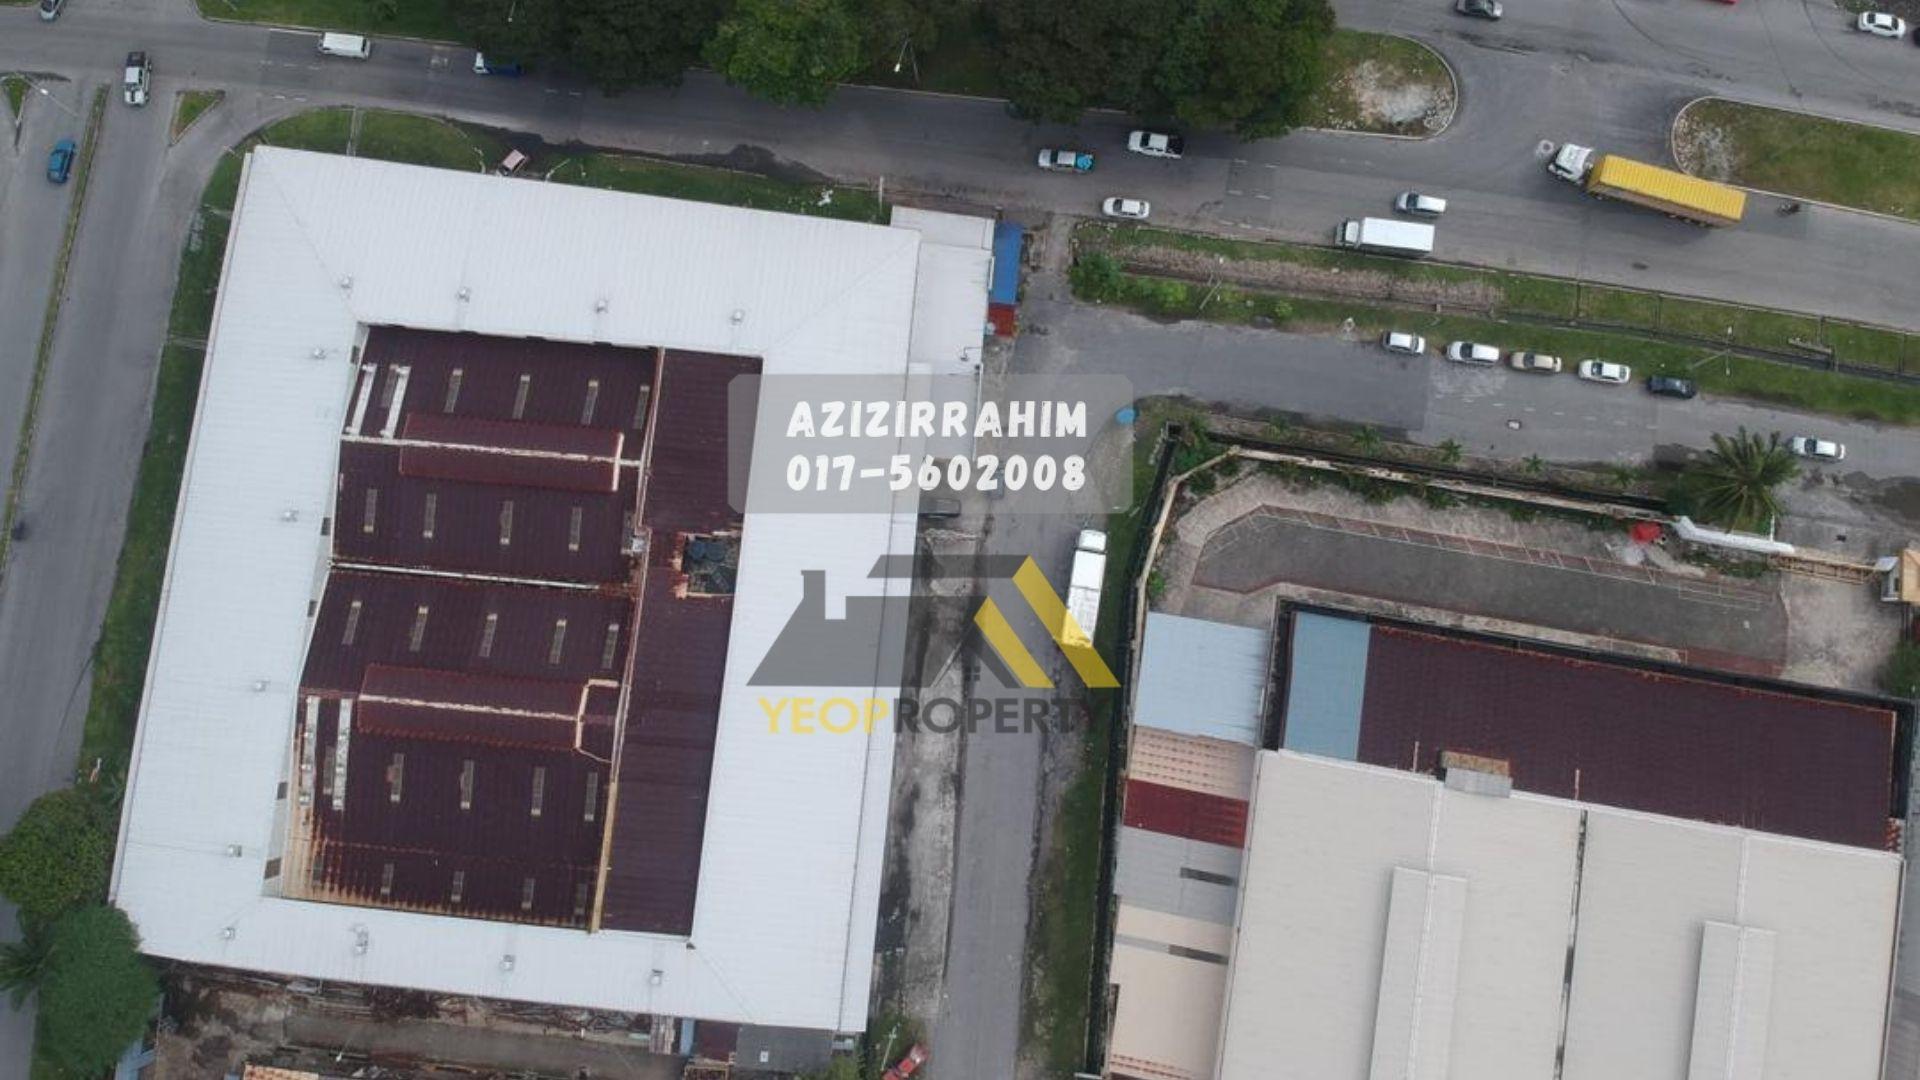 2 Unit of 1.5 Storey Semi-Detached factoriesKawasan Perusahaan Cheras Jaya, Balakong